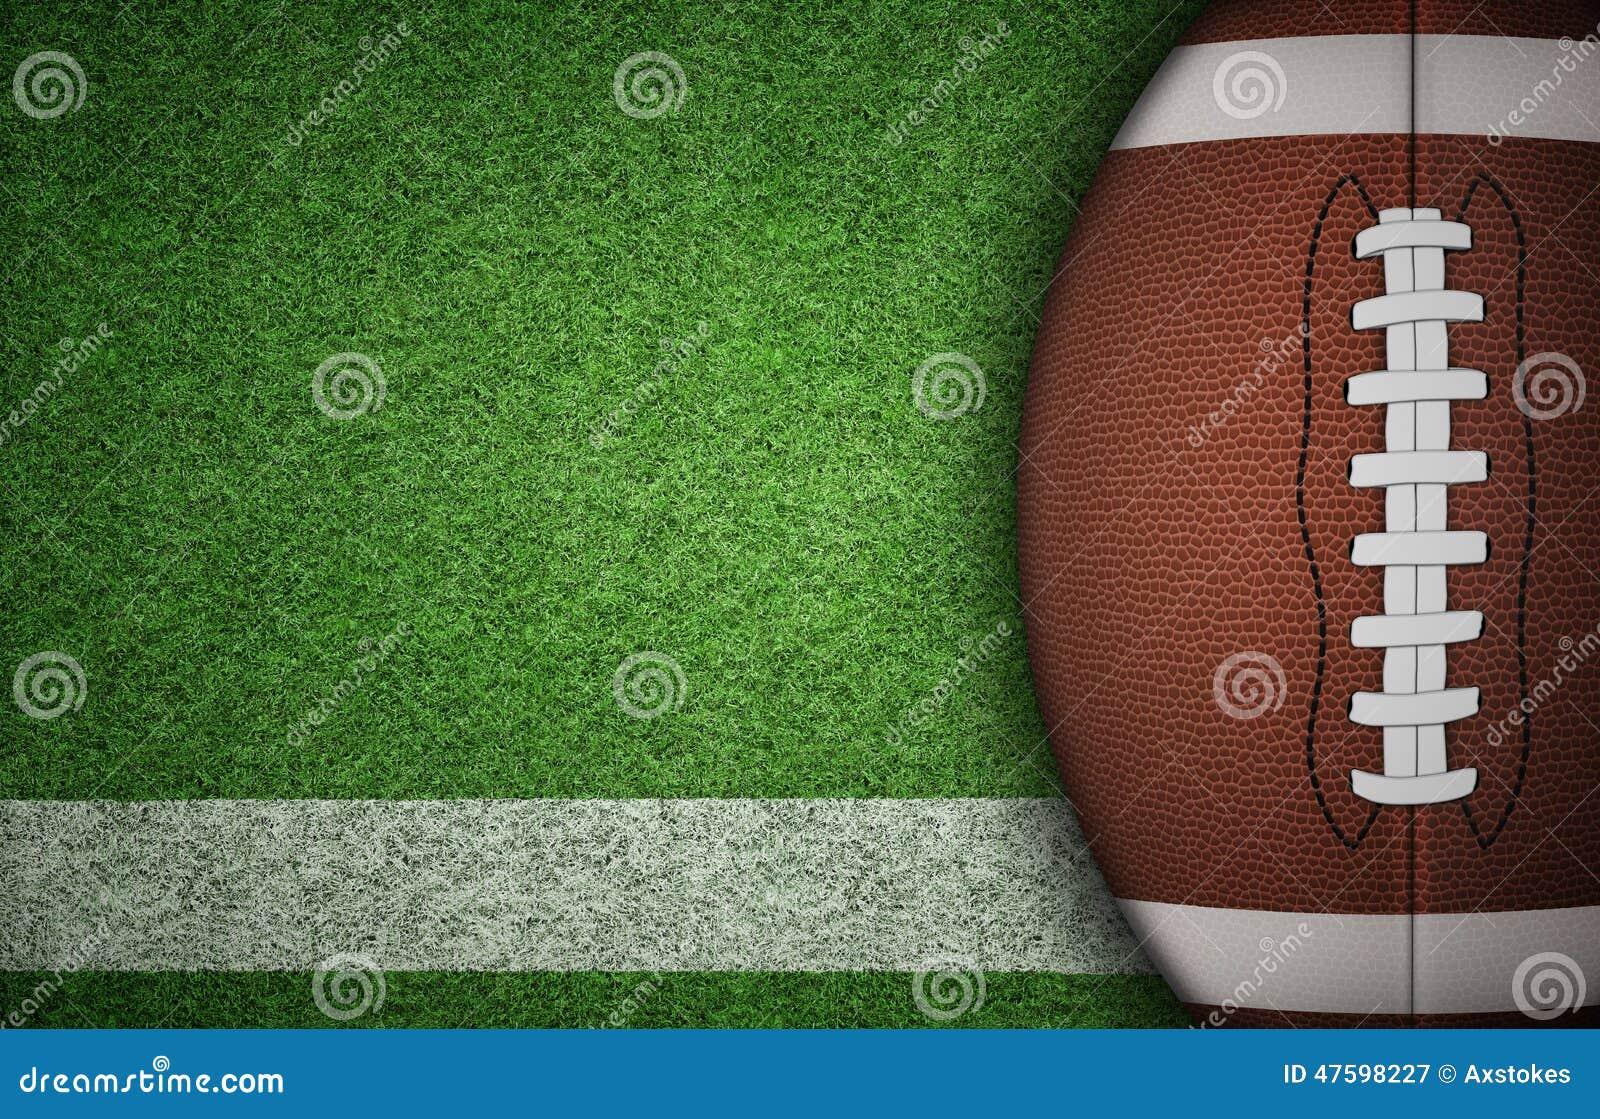 Boll för amerikansk fotboll på gräs